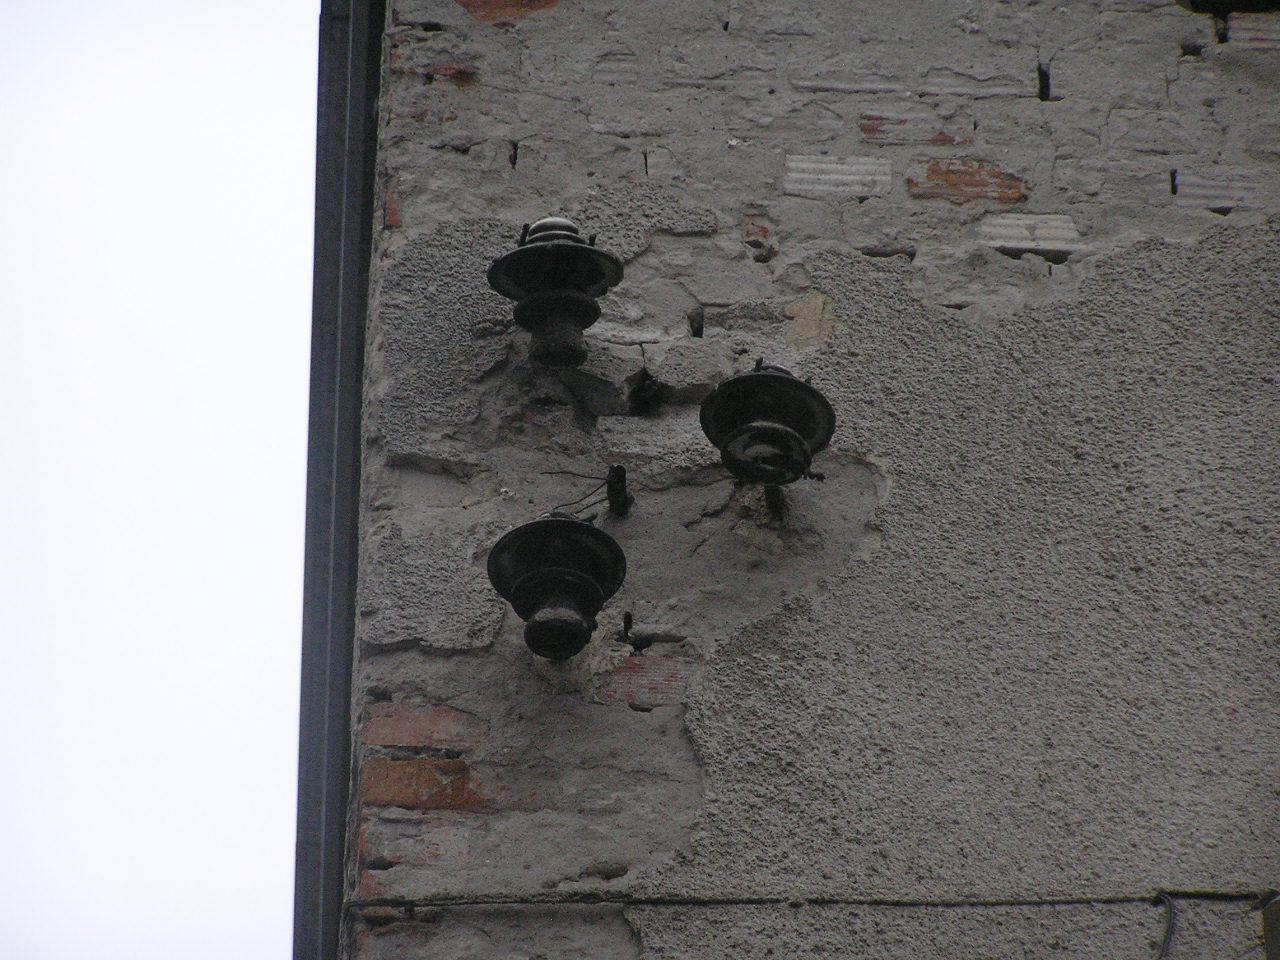 Izolatory na ścianie budynku przy ulicy Międzyborskiej 88 na Grochowie